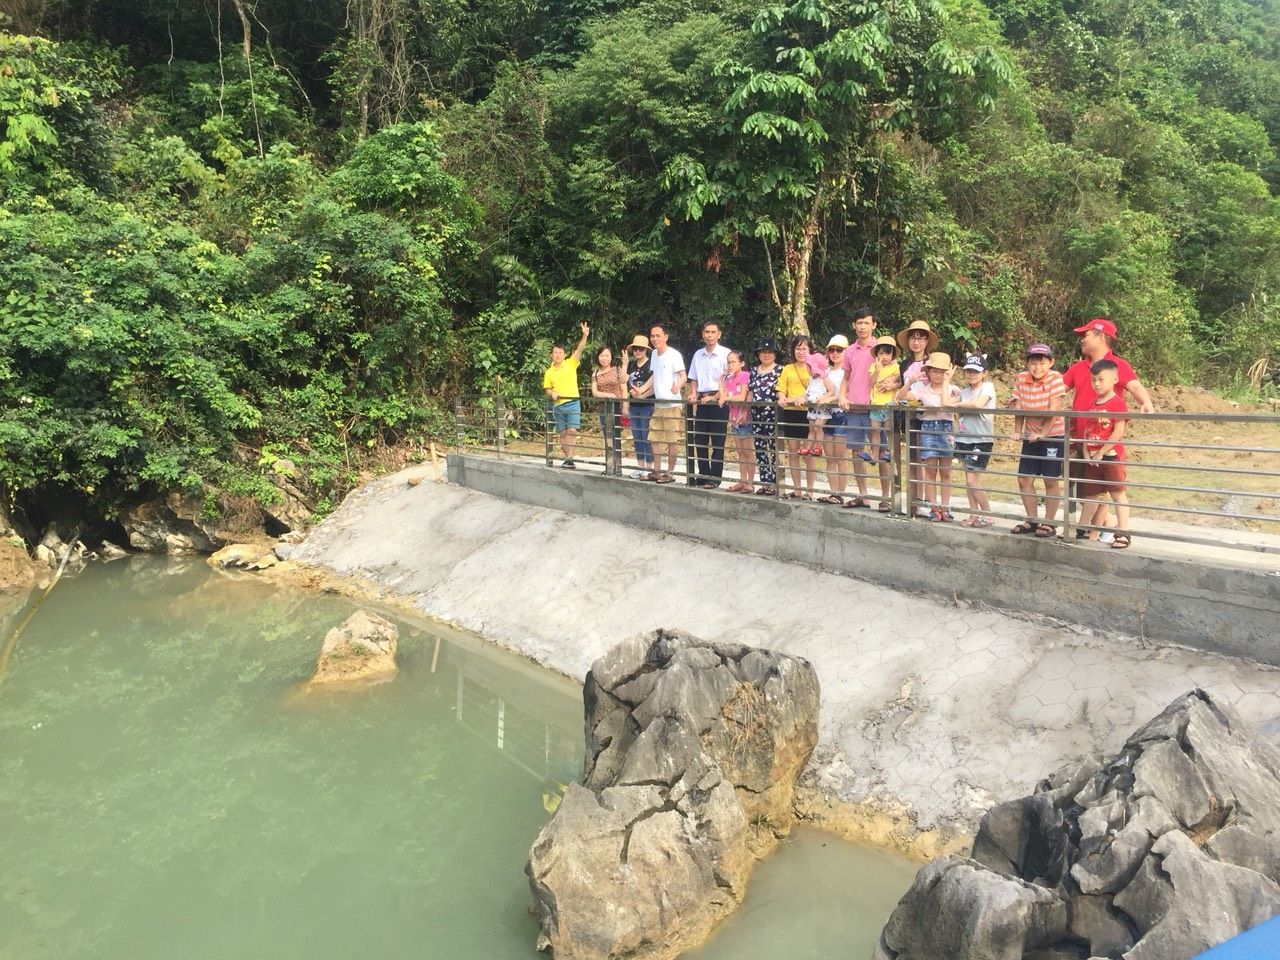 Hành trình xanh khám phá làng chài Việt Hải 2 ngày, 1 đêm !